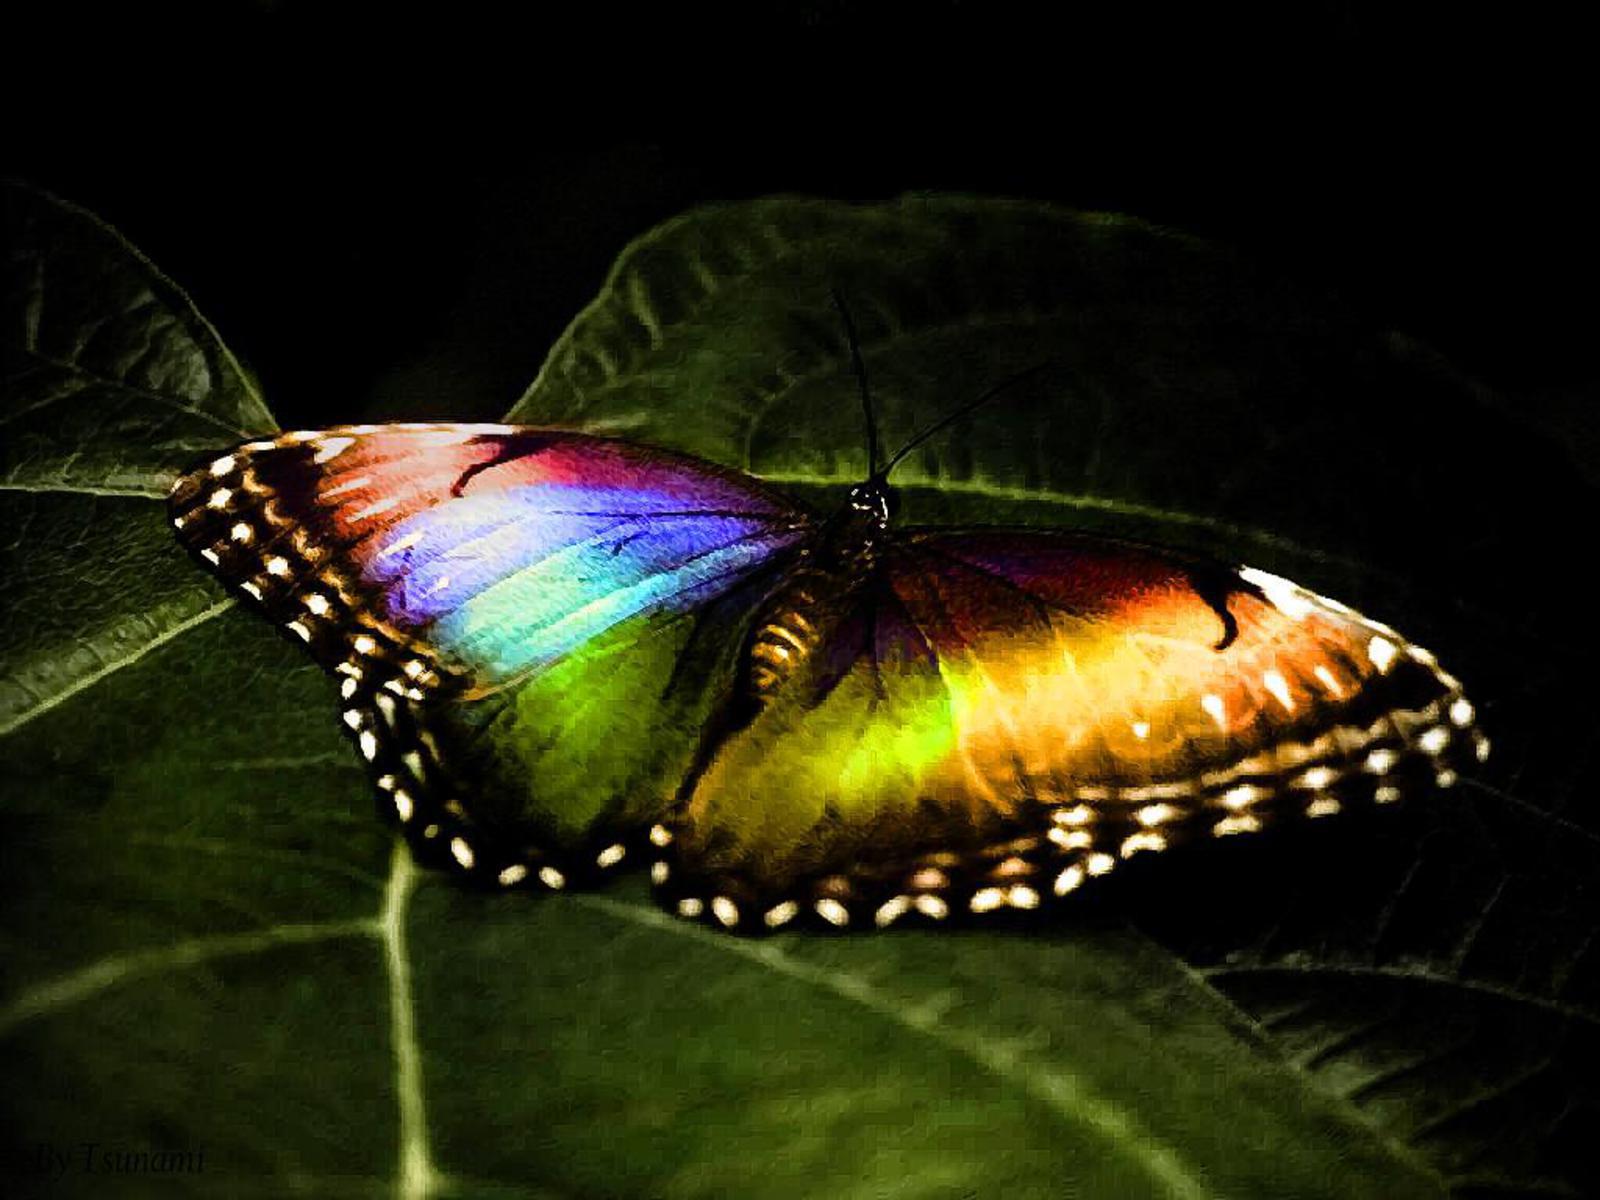 радужная красивая бабочка, скачать обои для рабочего стола, butterfly wallpaper